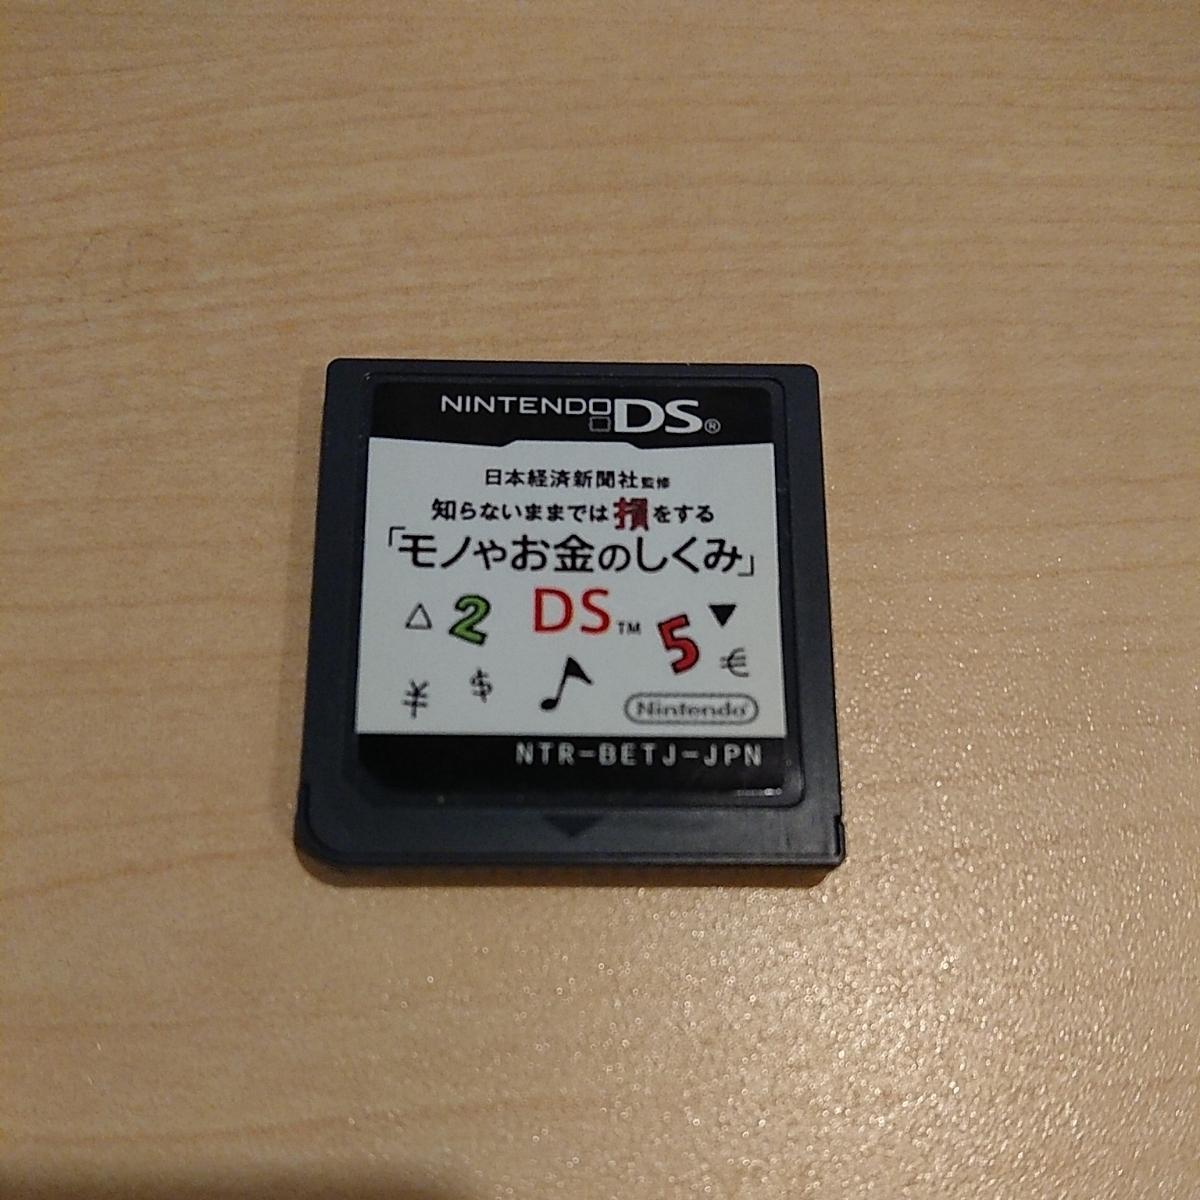 日本経済新聞社監修 知らないままでは損をする「モノやお金のしくみ」DS 美品 送料164円_画像5